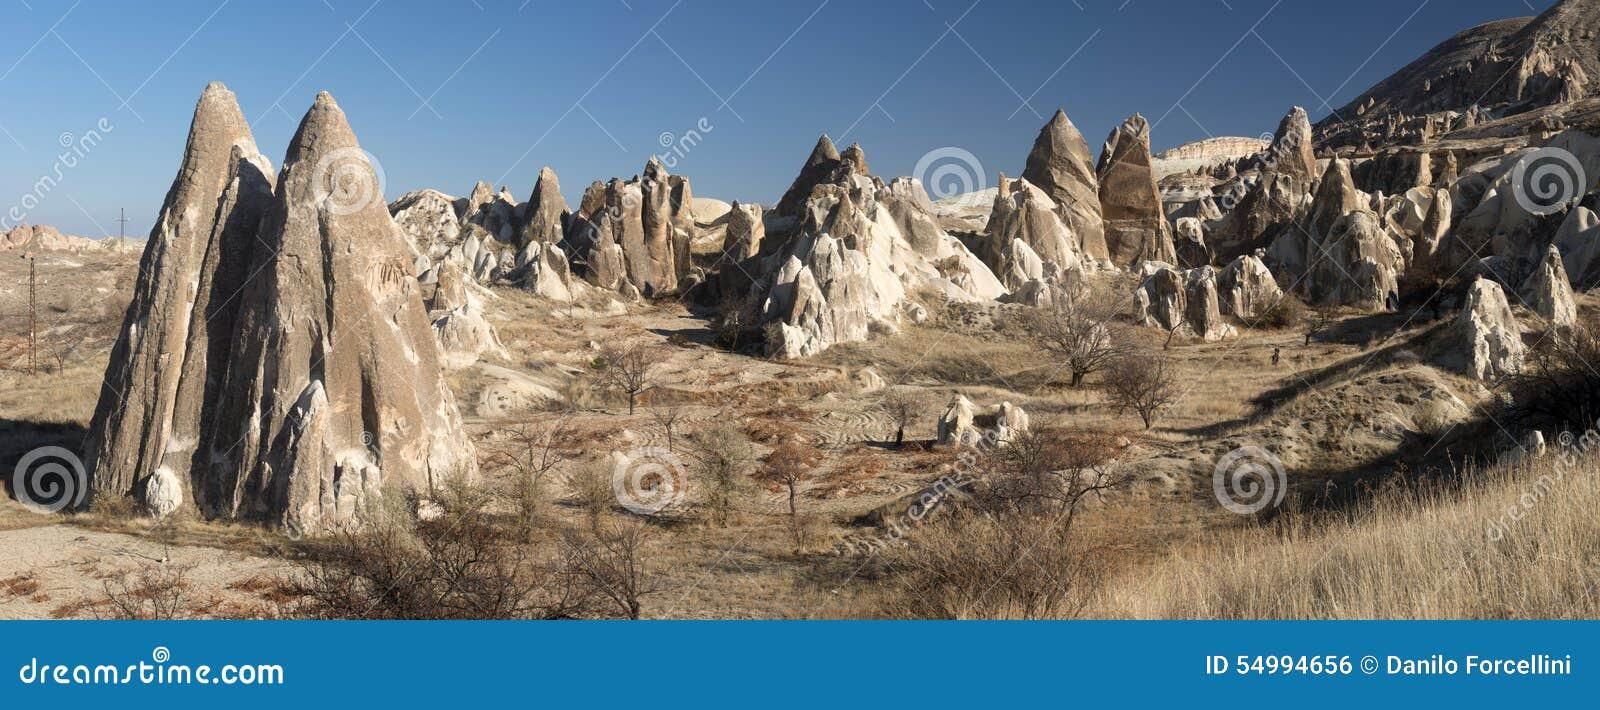 Долина влюбленности, зона Goreme, Турция